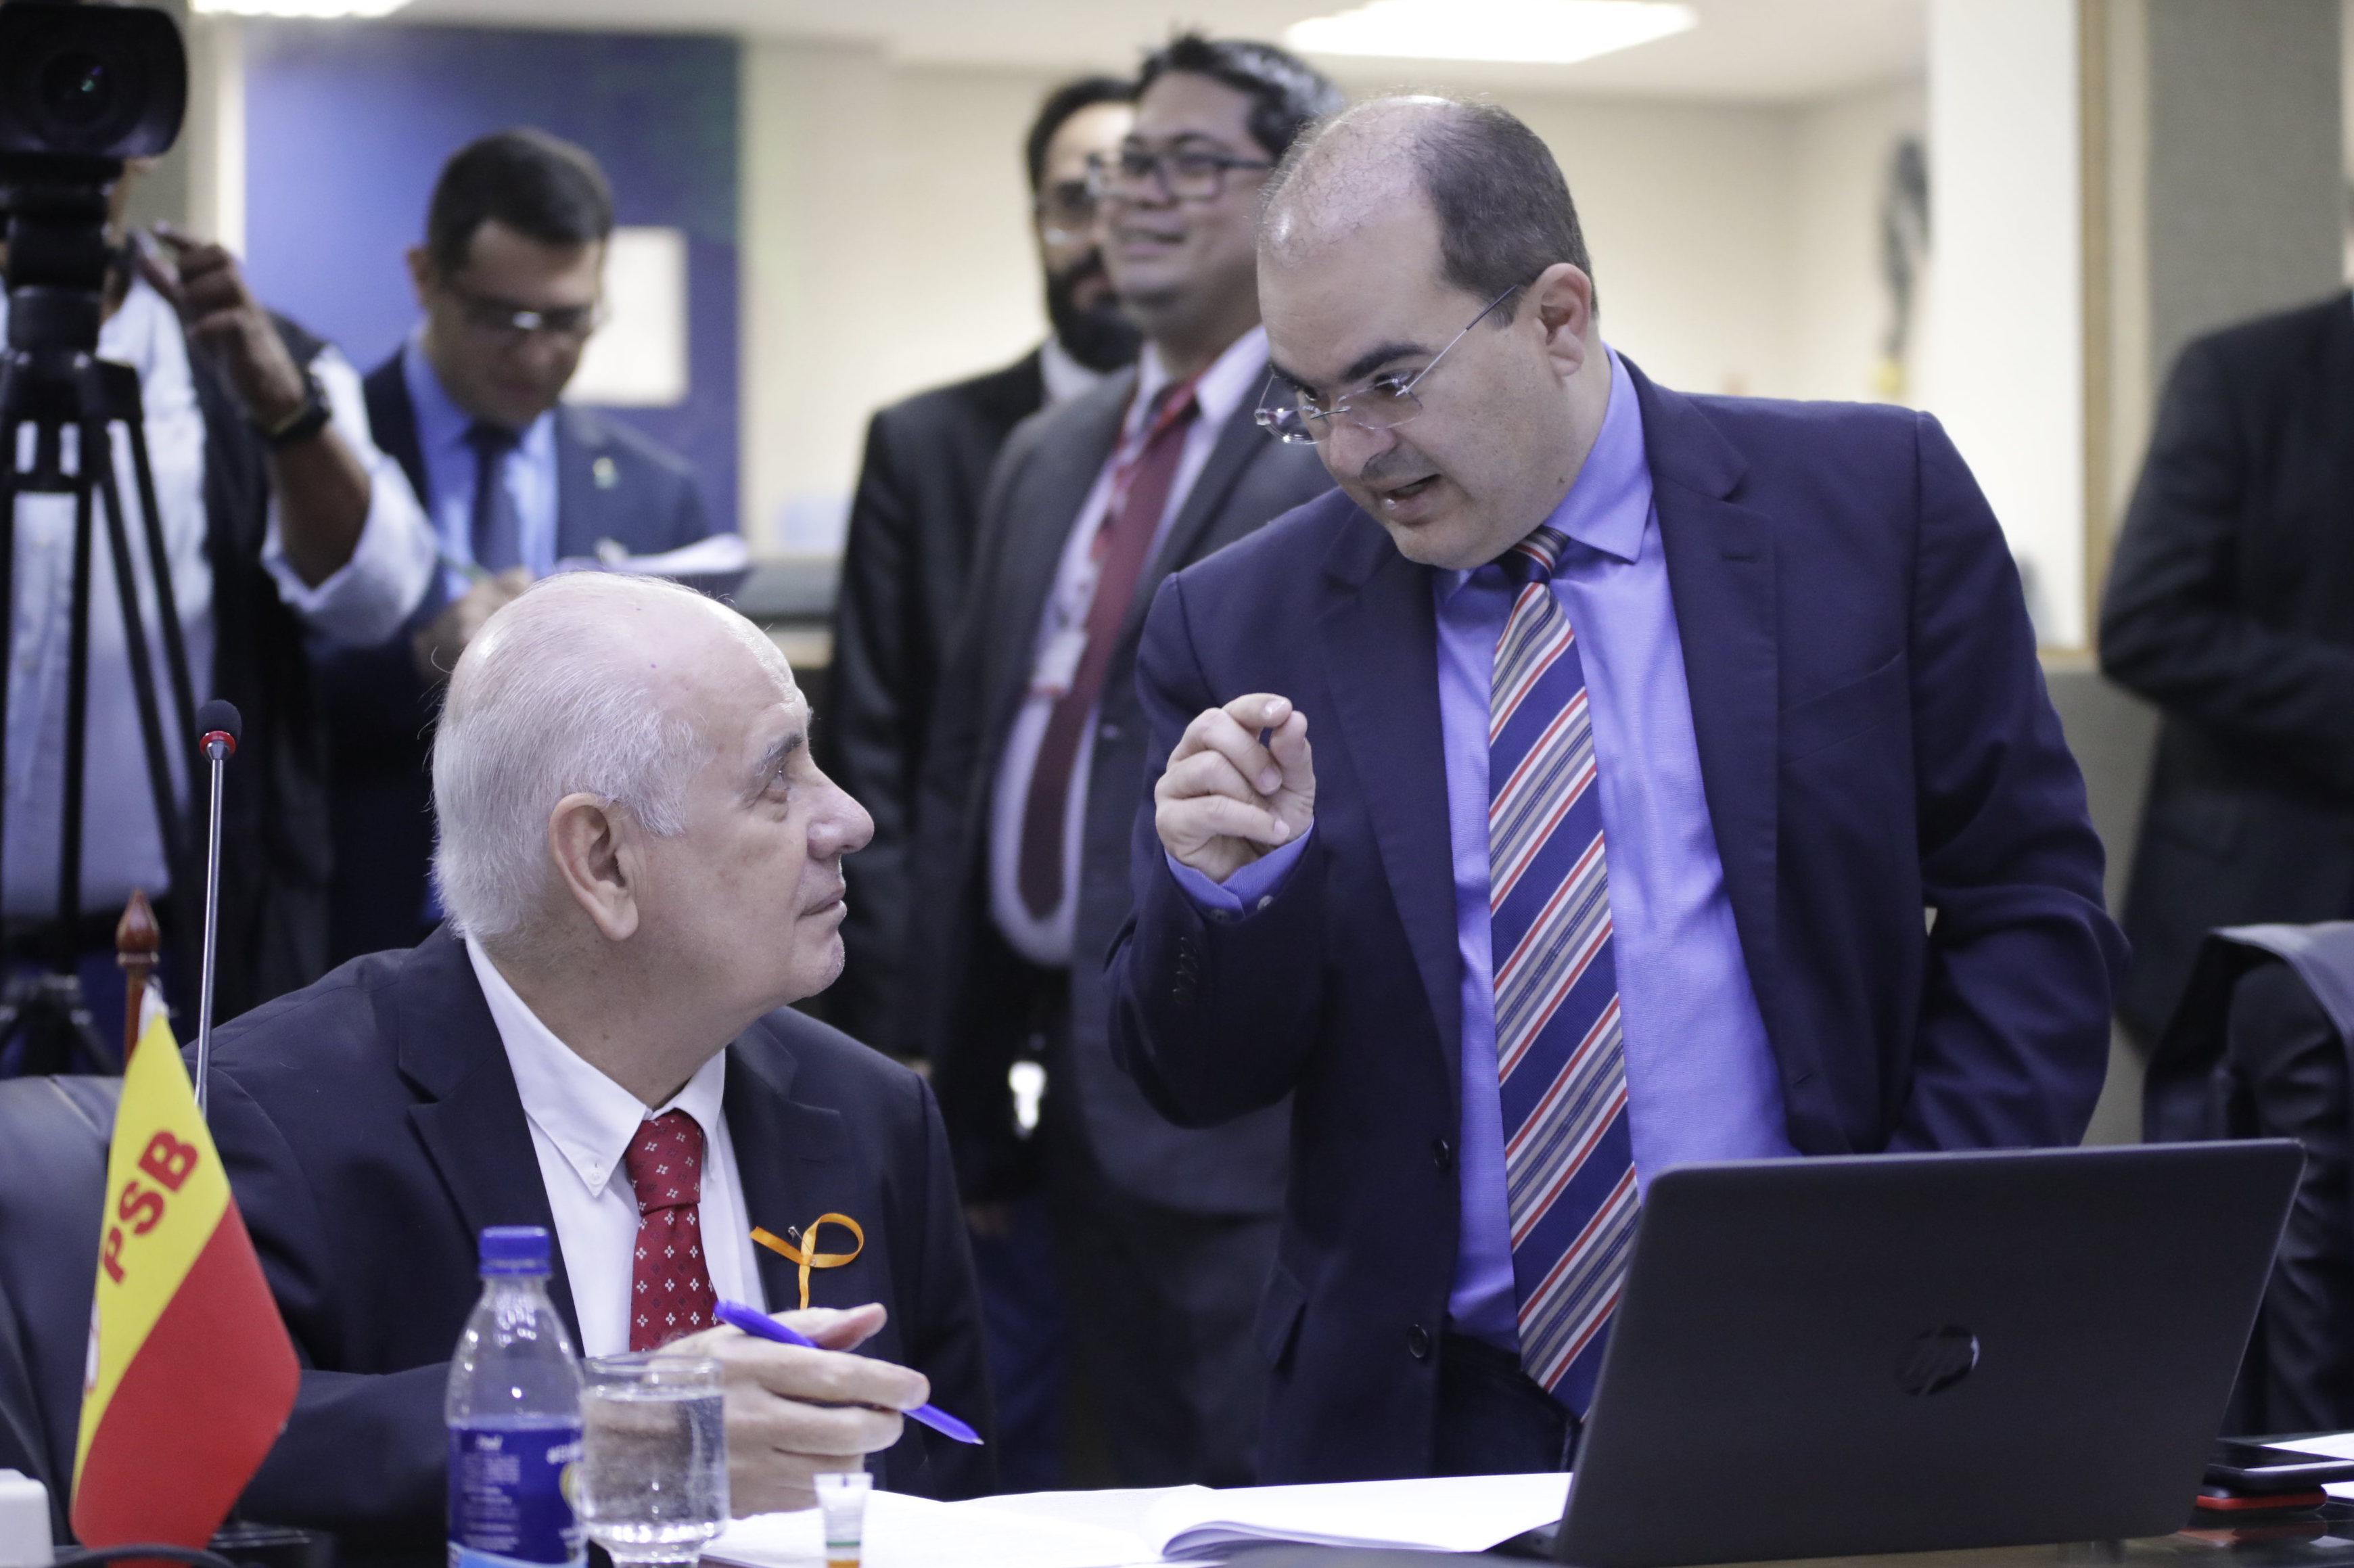 Primeira reviravolta das eleições em Manaus será anunciada nesta quinta